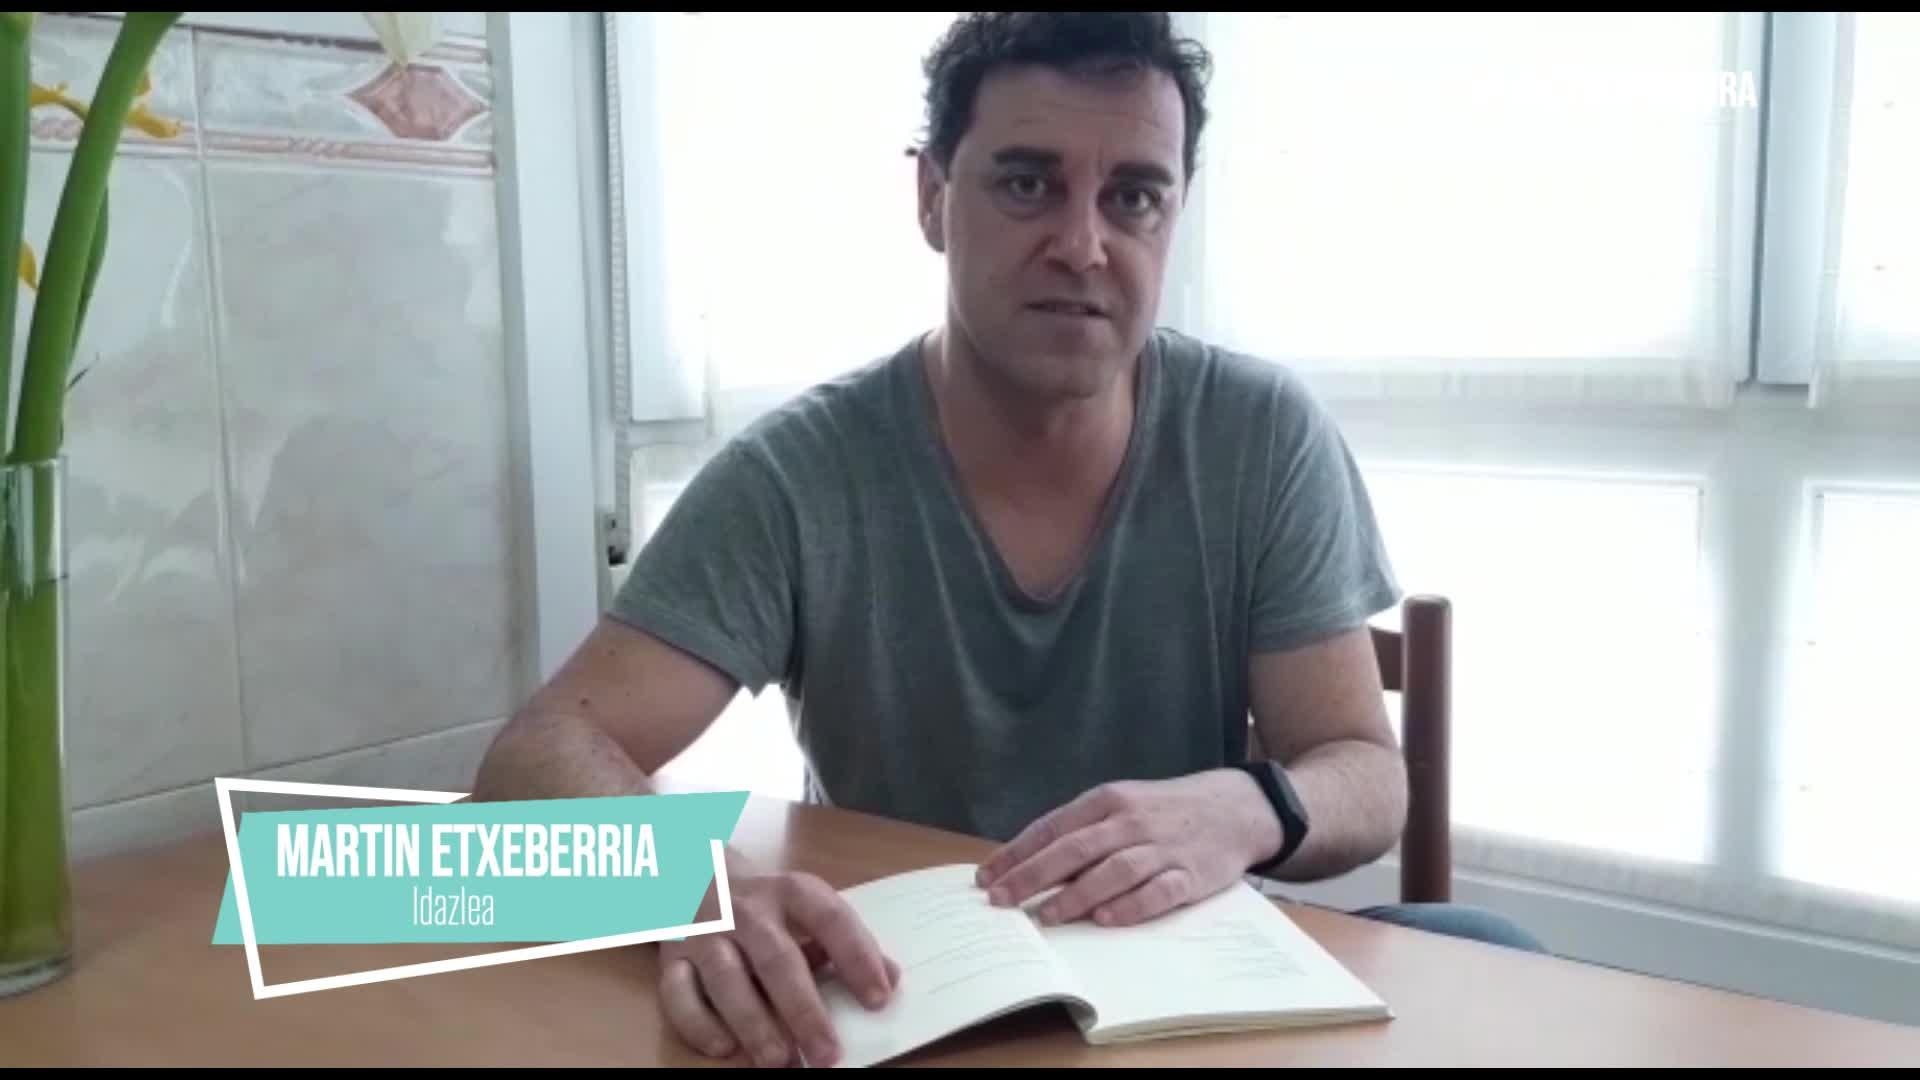 Martin Etxeberria idazlearen irakurketa, etxetik mundura